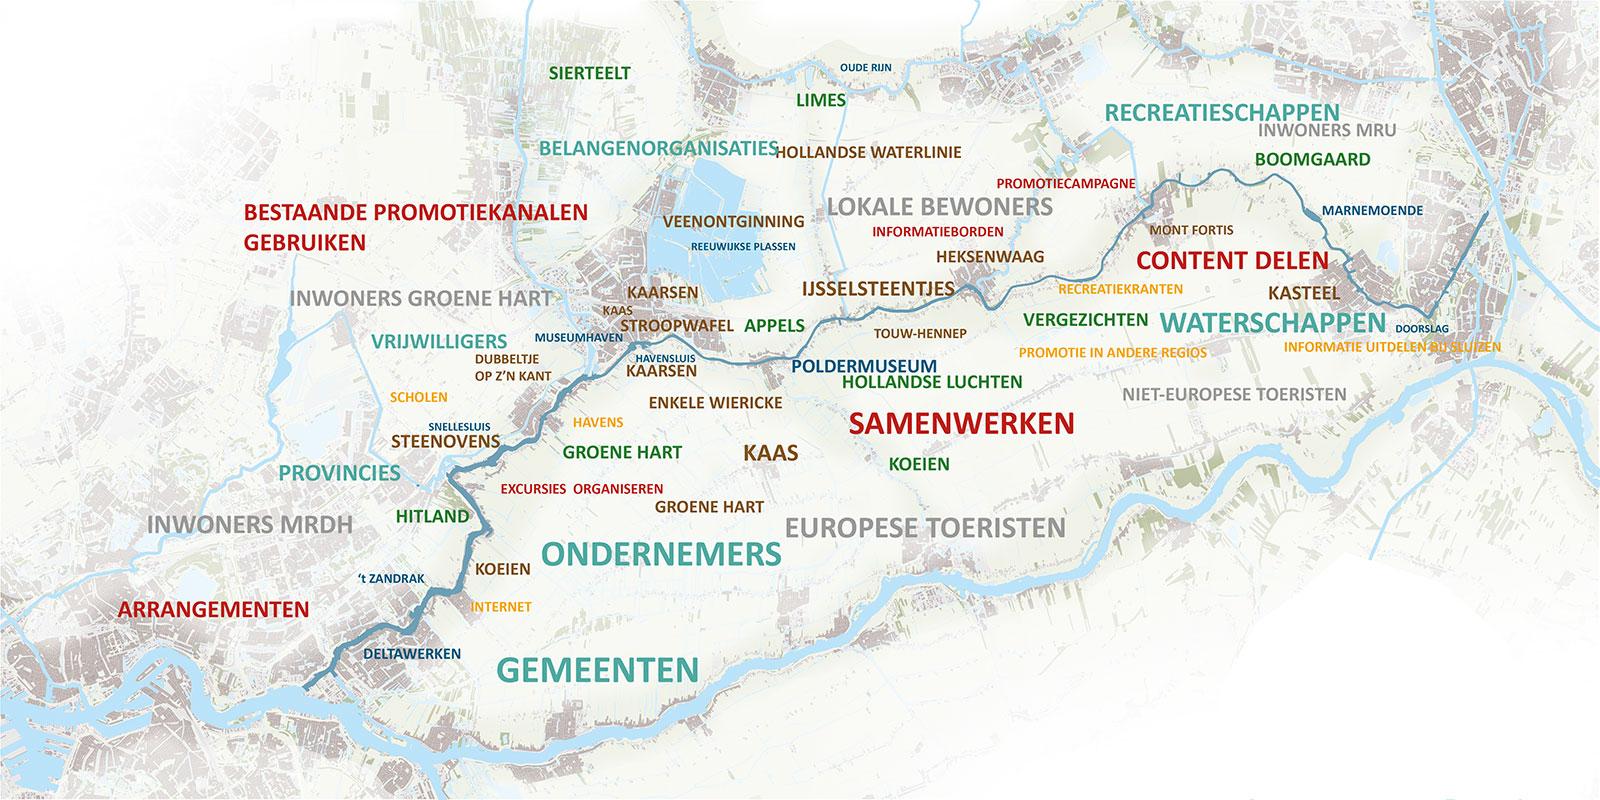 Ambitie-Promotie-hollandse-ijssel-web